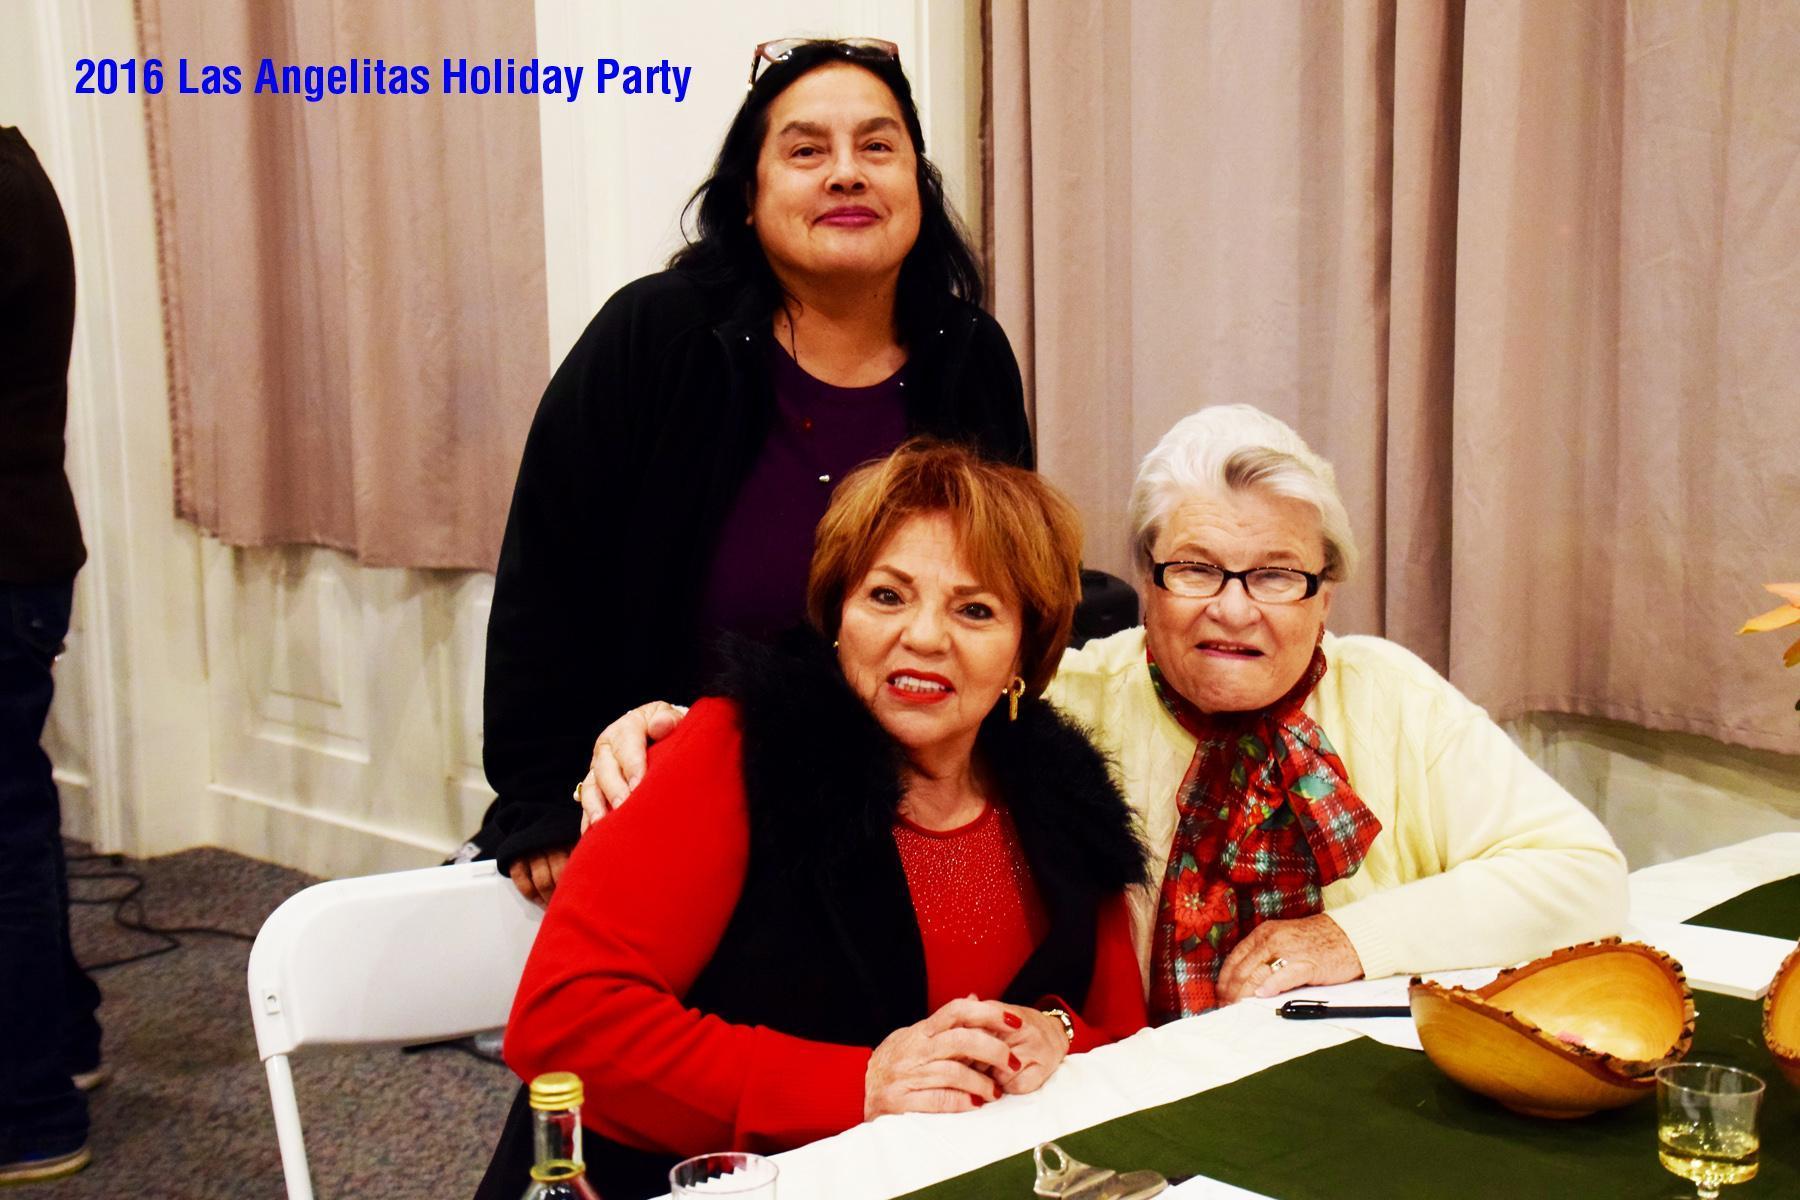 Here I am with fellow Las Angelitas' docents of El Pueblo de Los Angeles (Olvera Street).